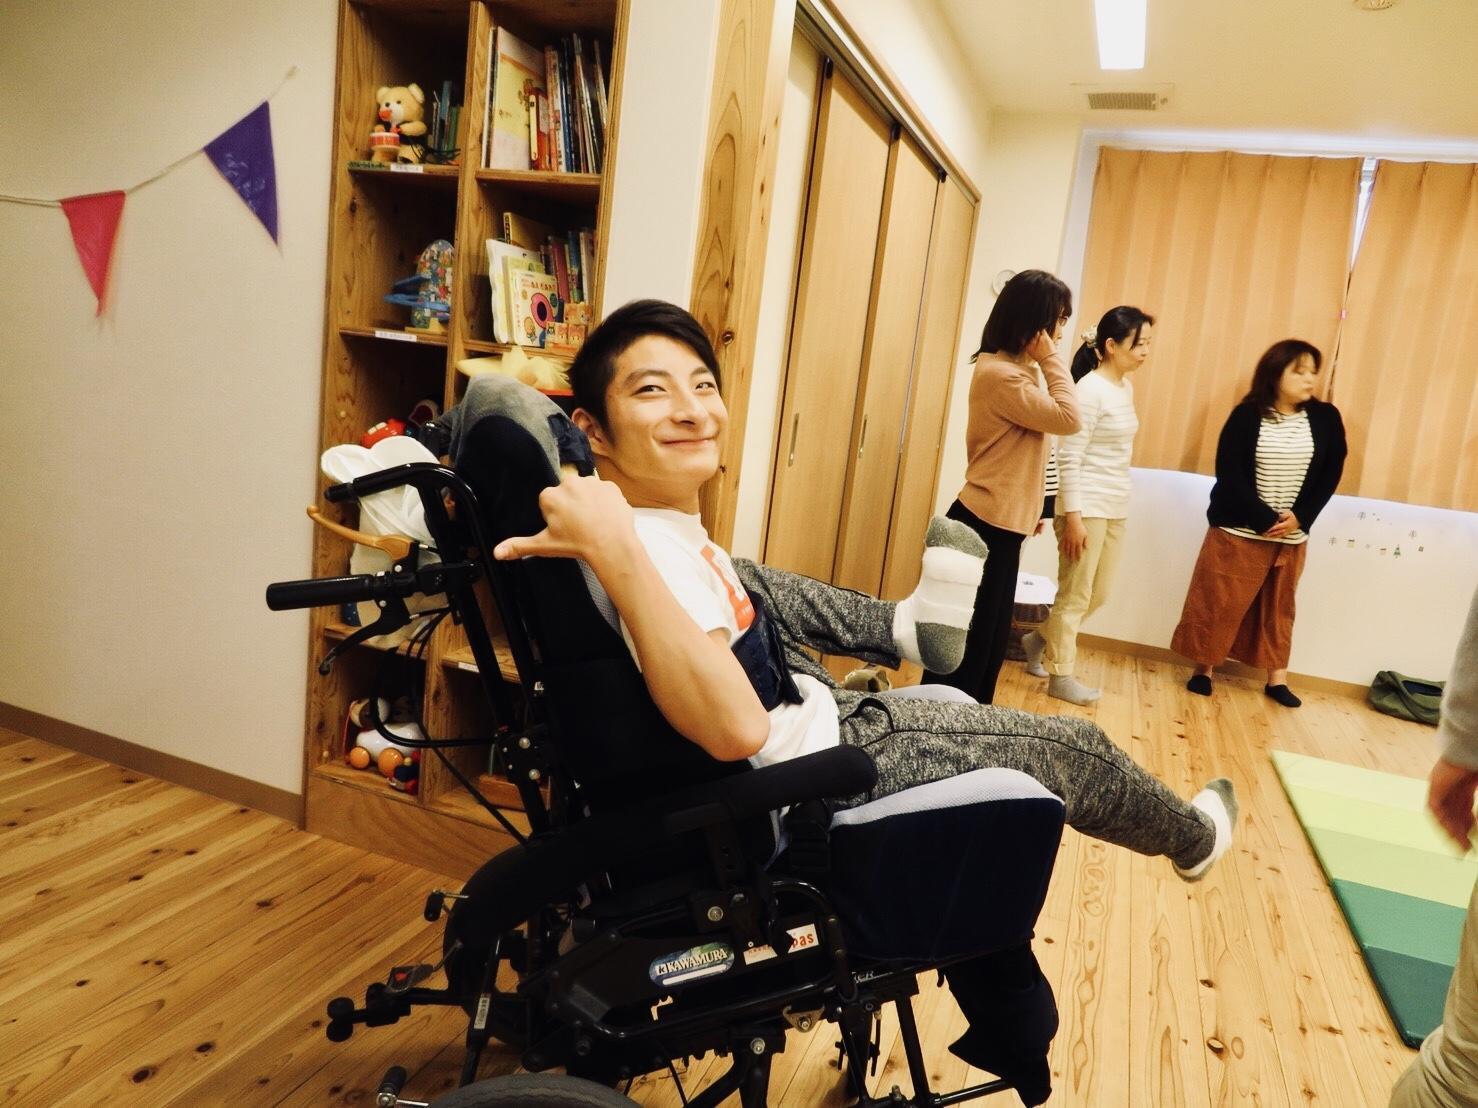 【必見】アテトーゼ型脳性麻痺の筋緊張へのアプローチをより深く学べる体験型研修会が誕生しました!